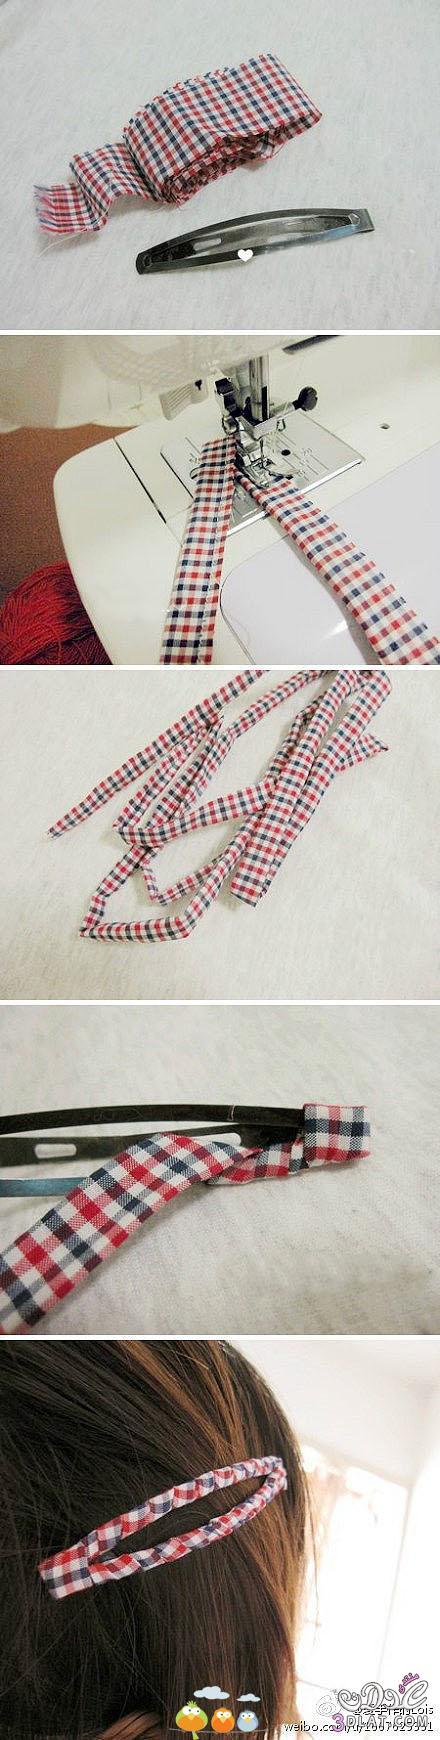 [صور] توك شعر يدوية,طريقة عمل فيونكات بالشرائط لتزين الشعر والملابس2014 3dlat.com_1398460450